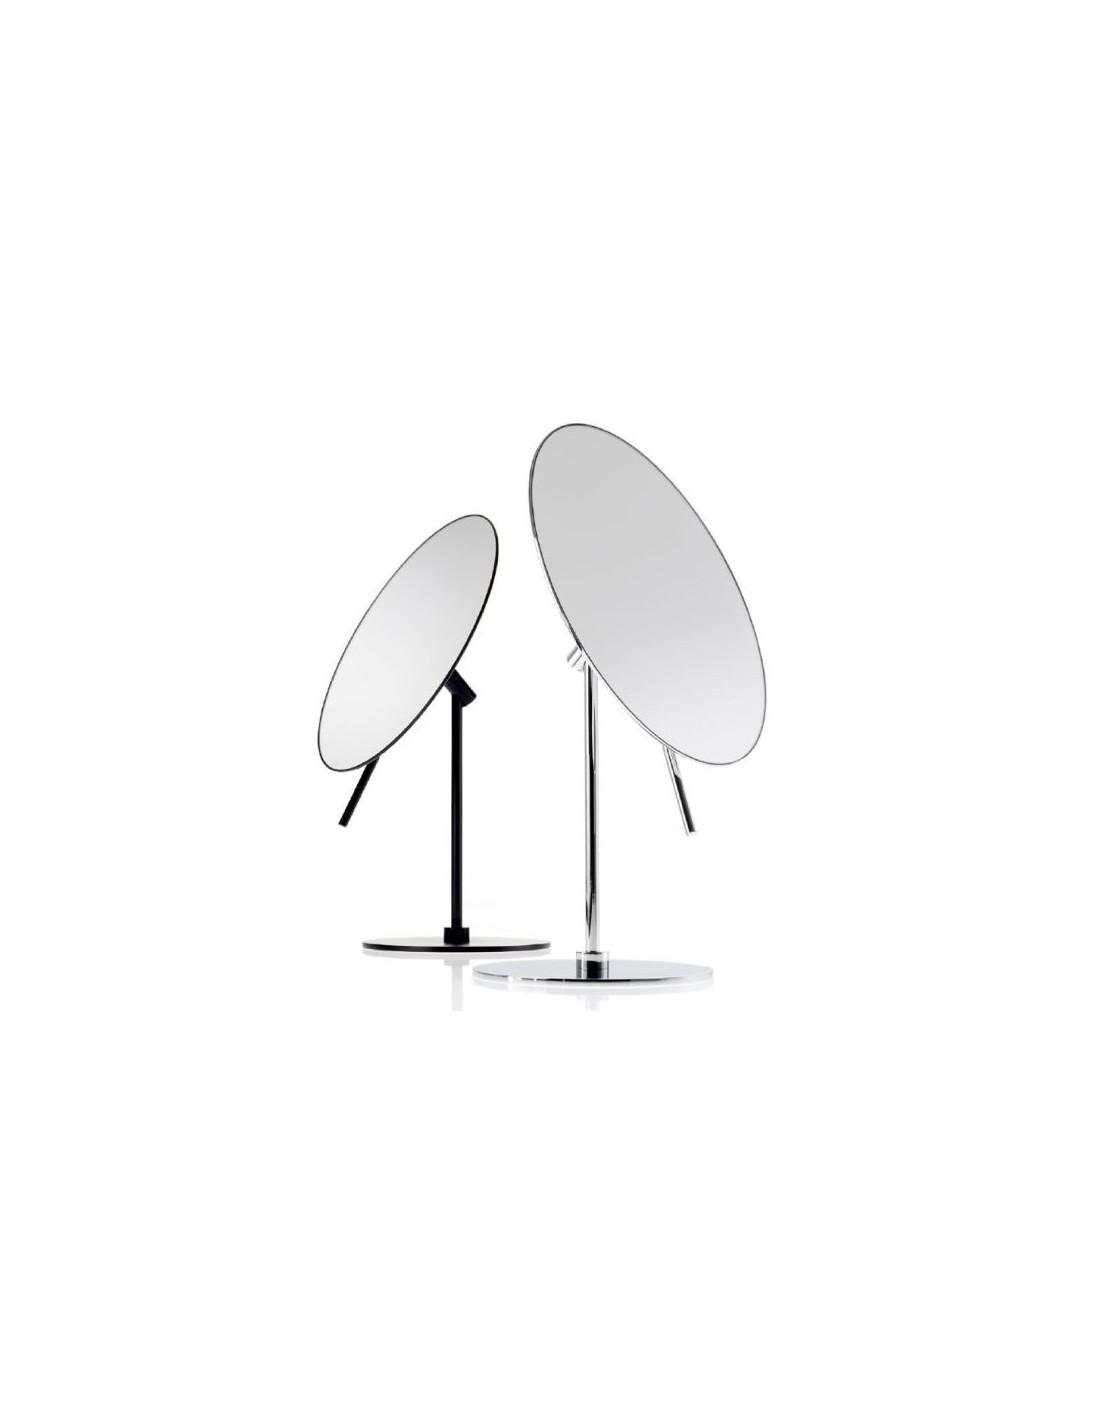 Miroirs ronds grossissants orientables sur pied SPT 71 noir mat et chromé Decor Walther - Valente Design